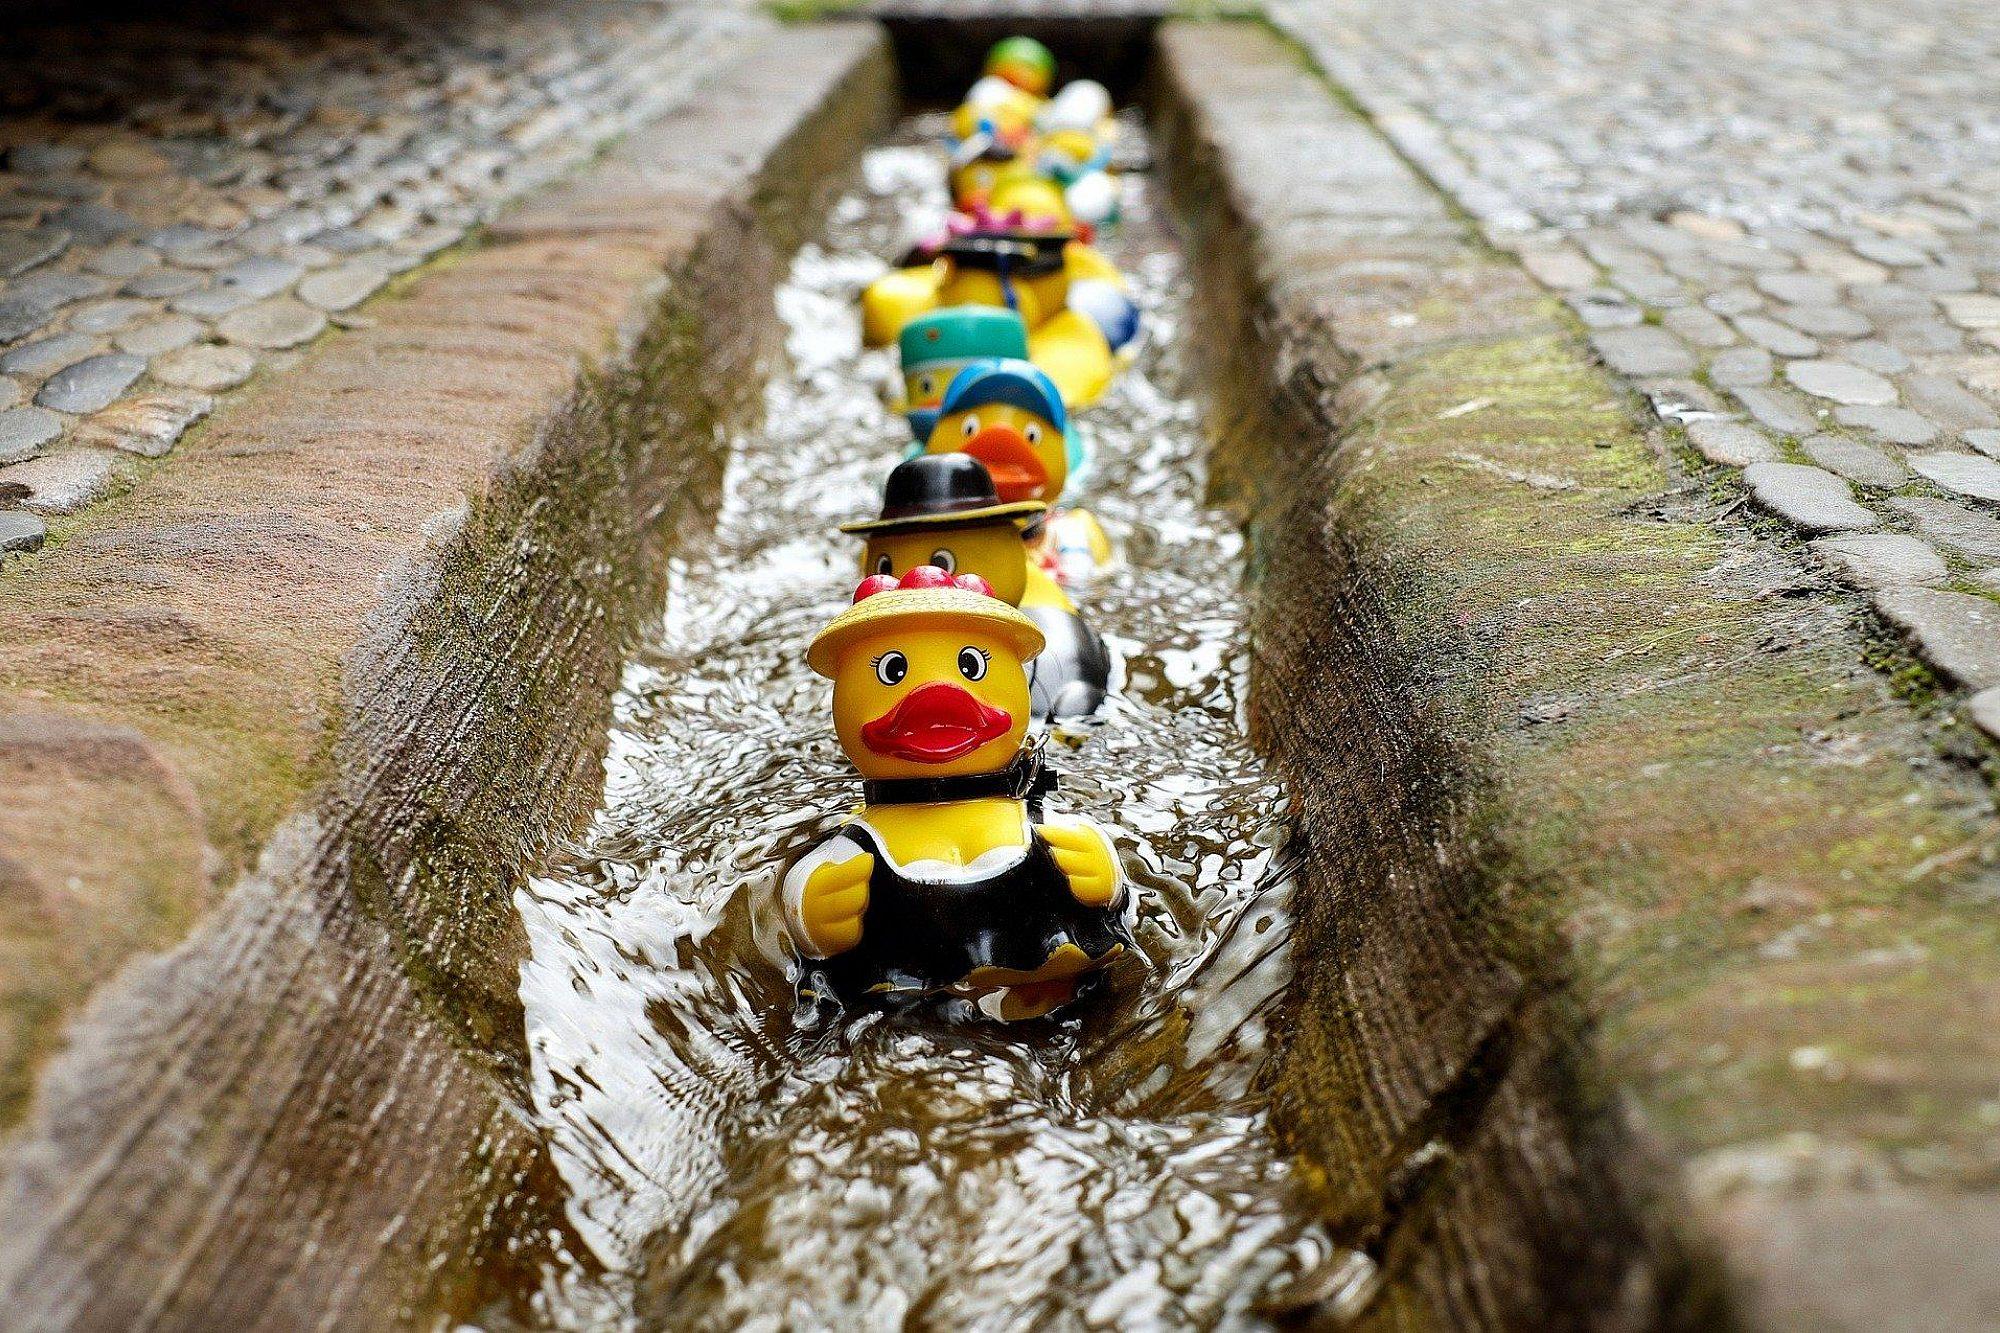 Eine Reihe an farbenfrohen Gummienten schwimmt in einer Regenrinne auf die Kamera zu.